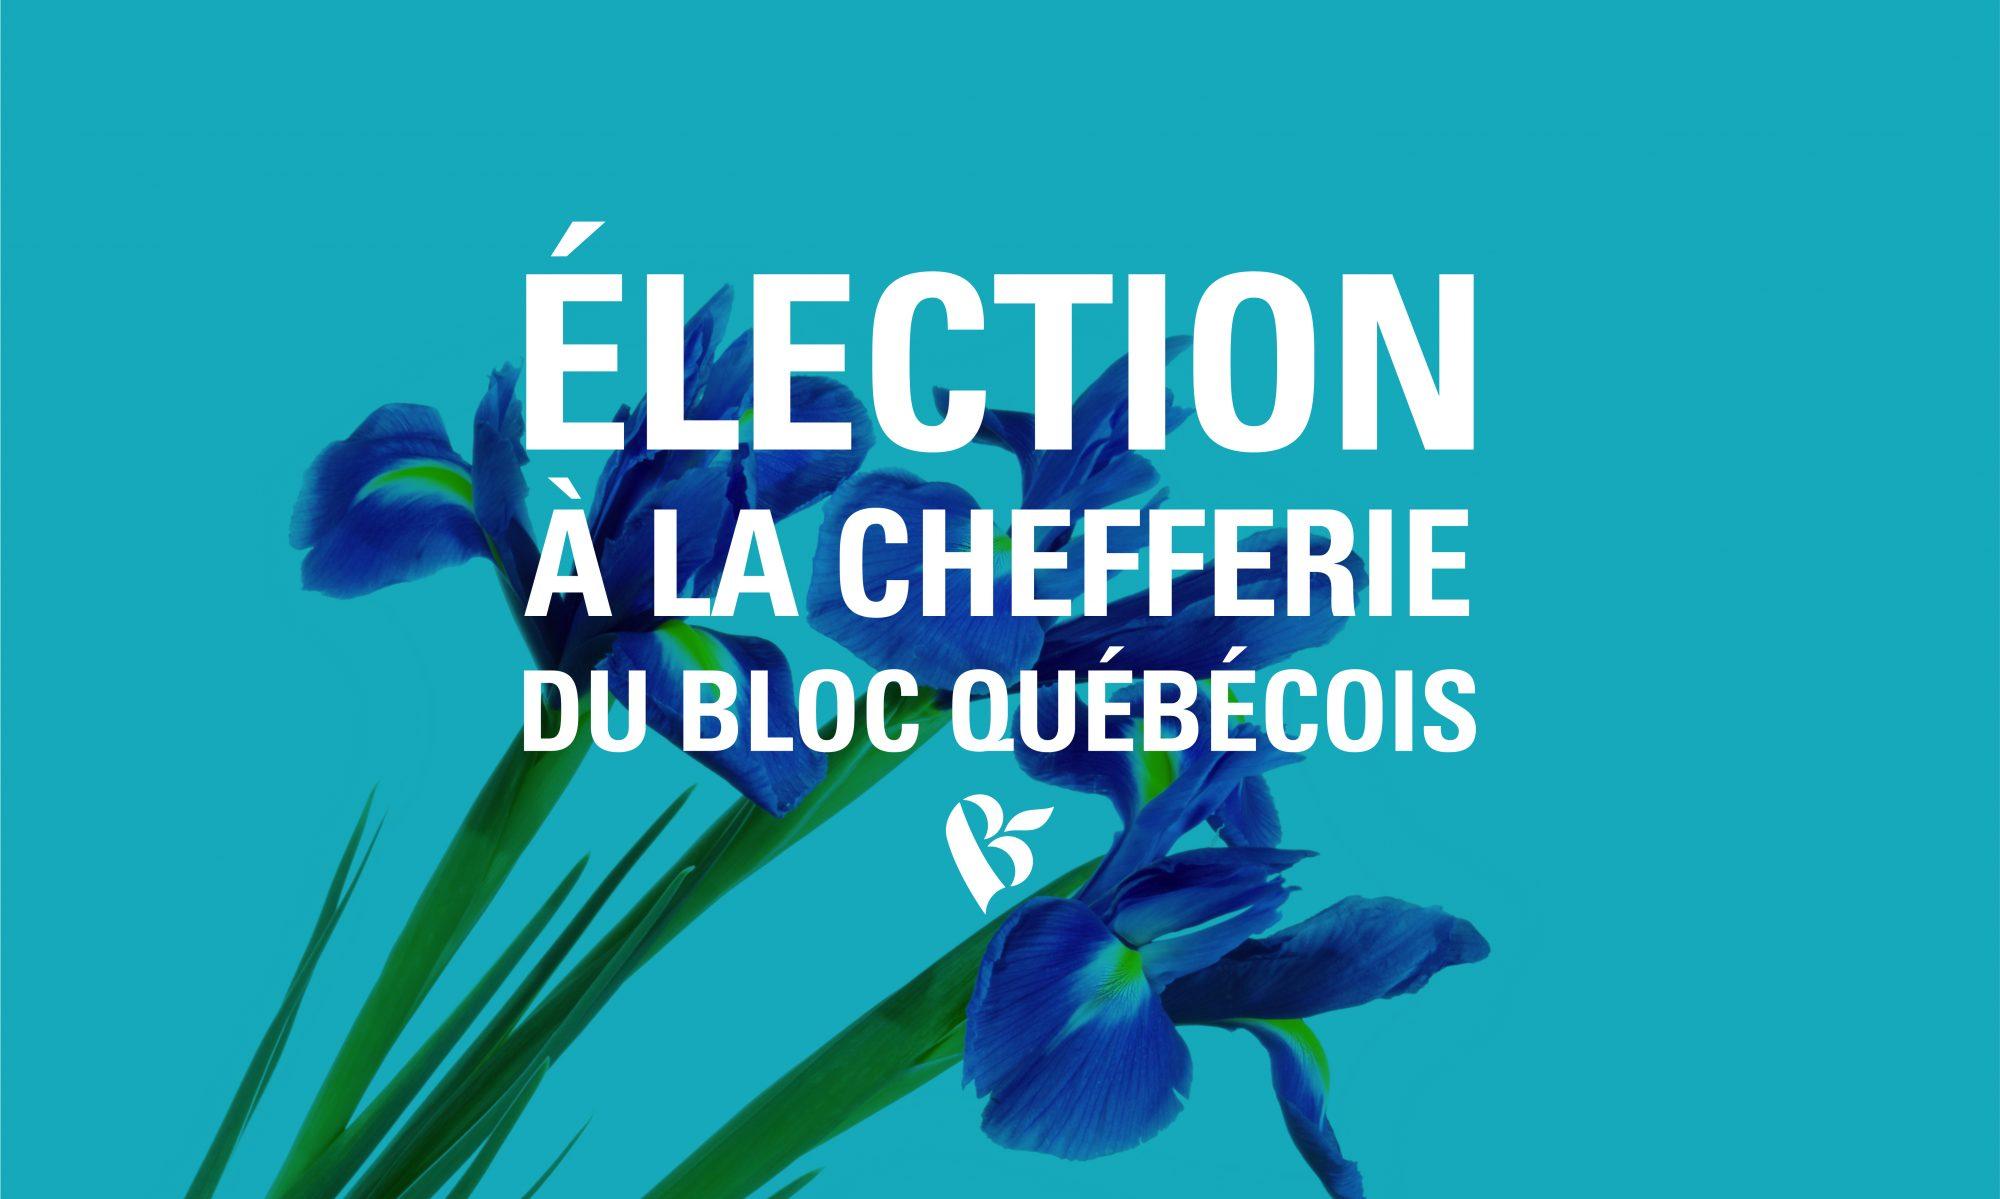 Course à la chefferie | Bloc Québécois